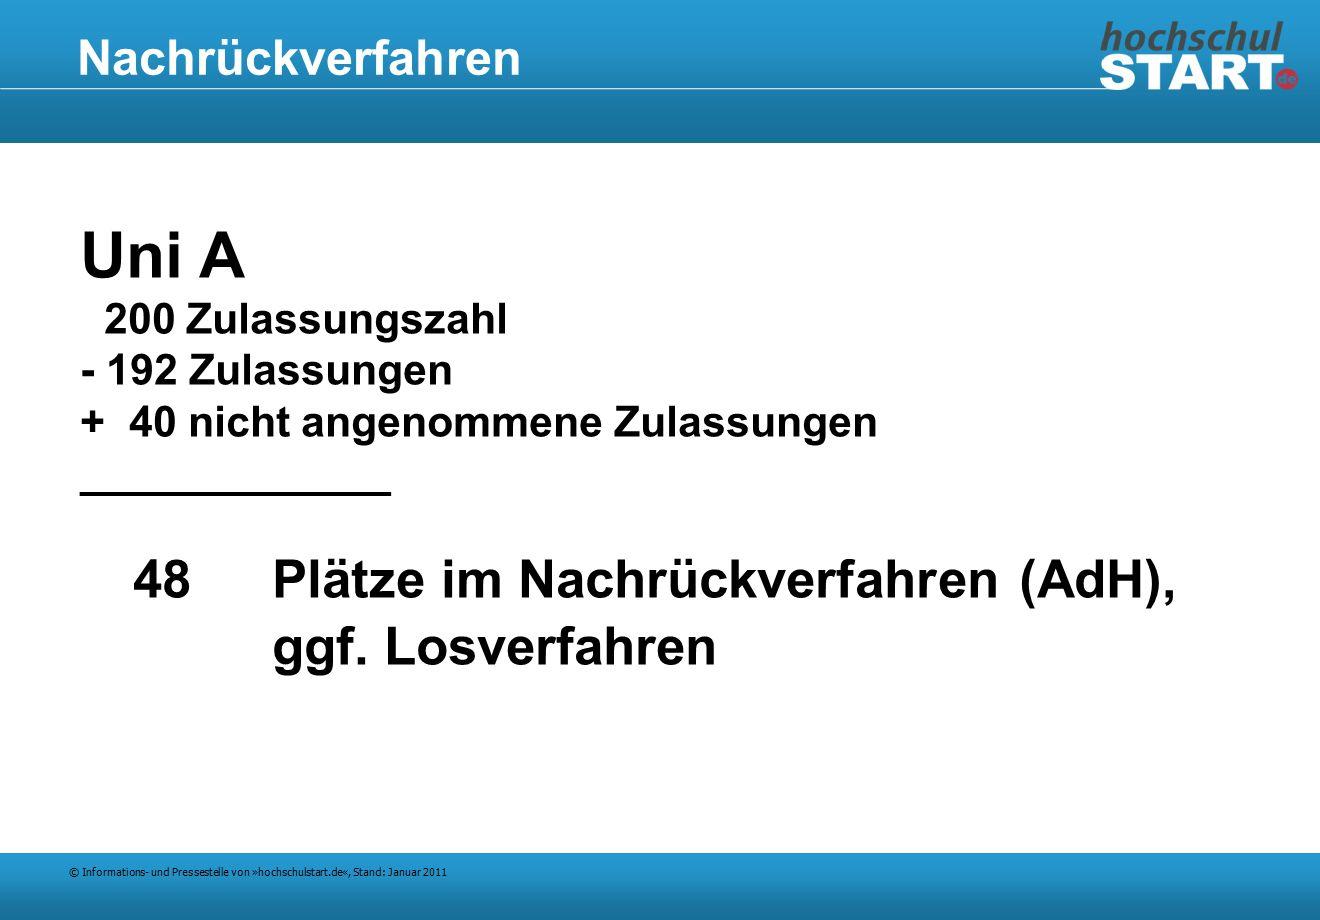 © Informations- und Pressestelle von »hochschulstart.de«, Stand: Januar 2011 Nachrückverfahren Uni A 200 Zulassungszahl - 192 Zulassungen + 40 nicht angenommene Zulassungen _____________ 48Plätze im Nachrückverfahren (AdH), ggf.